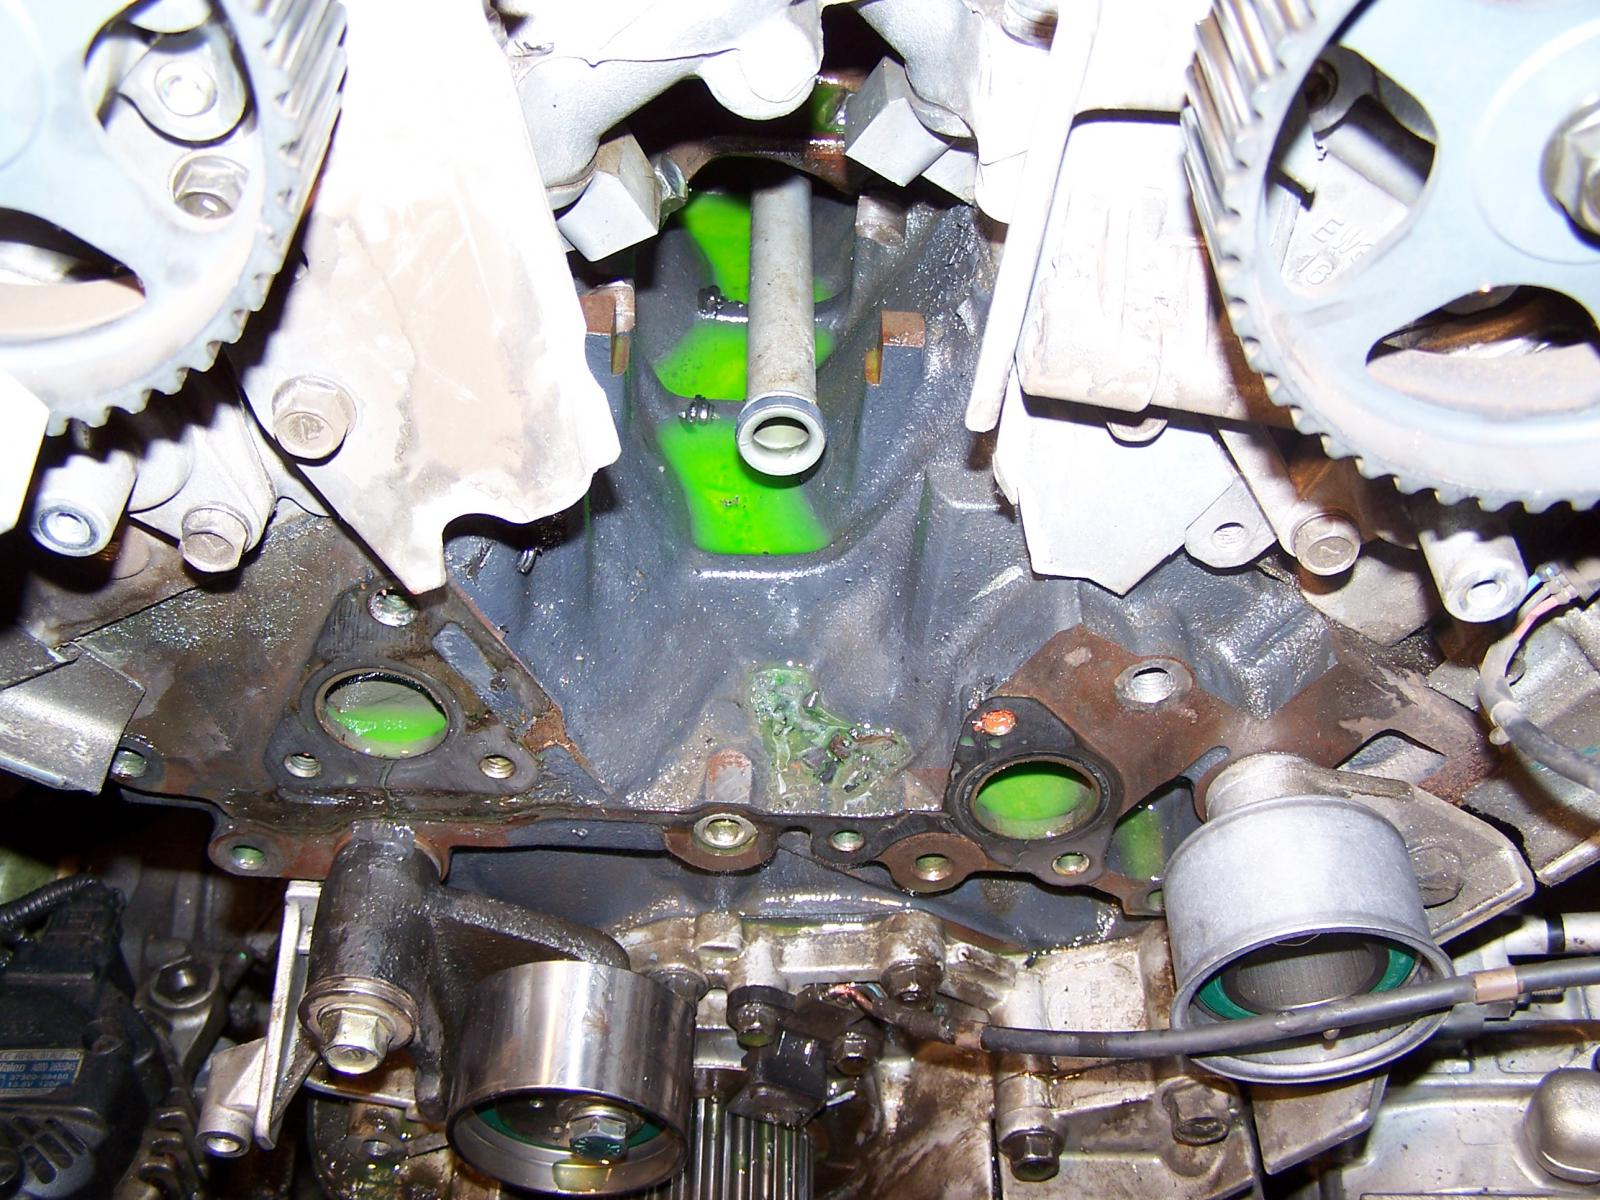 Water Pump Gasket >> Water pump leak or not? - Kia Forum